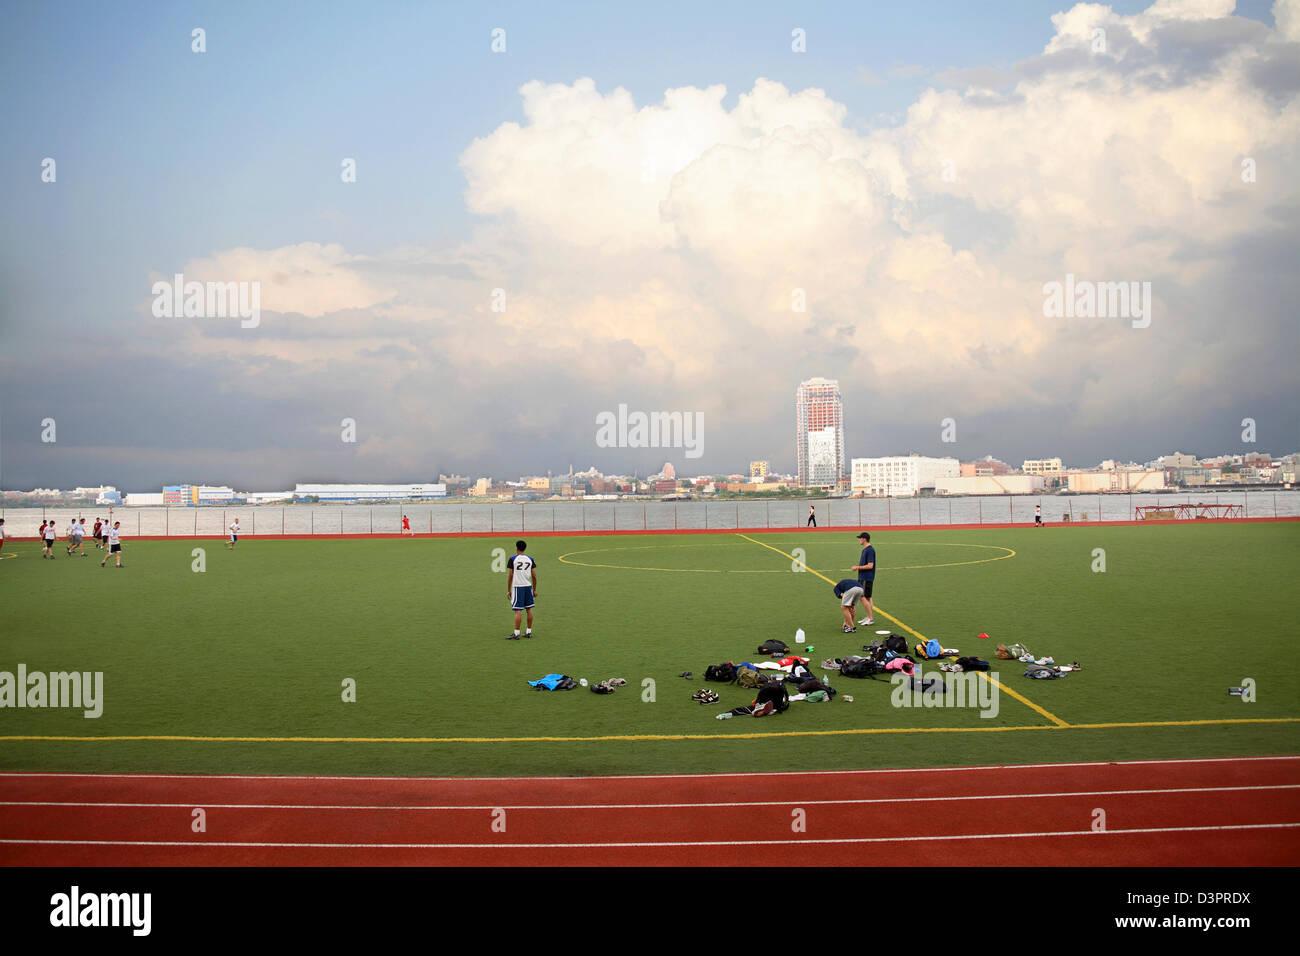 Soccer practice - Stock Image